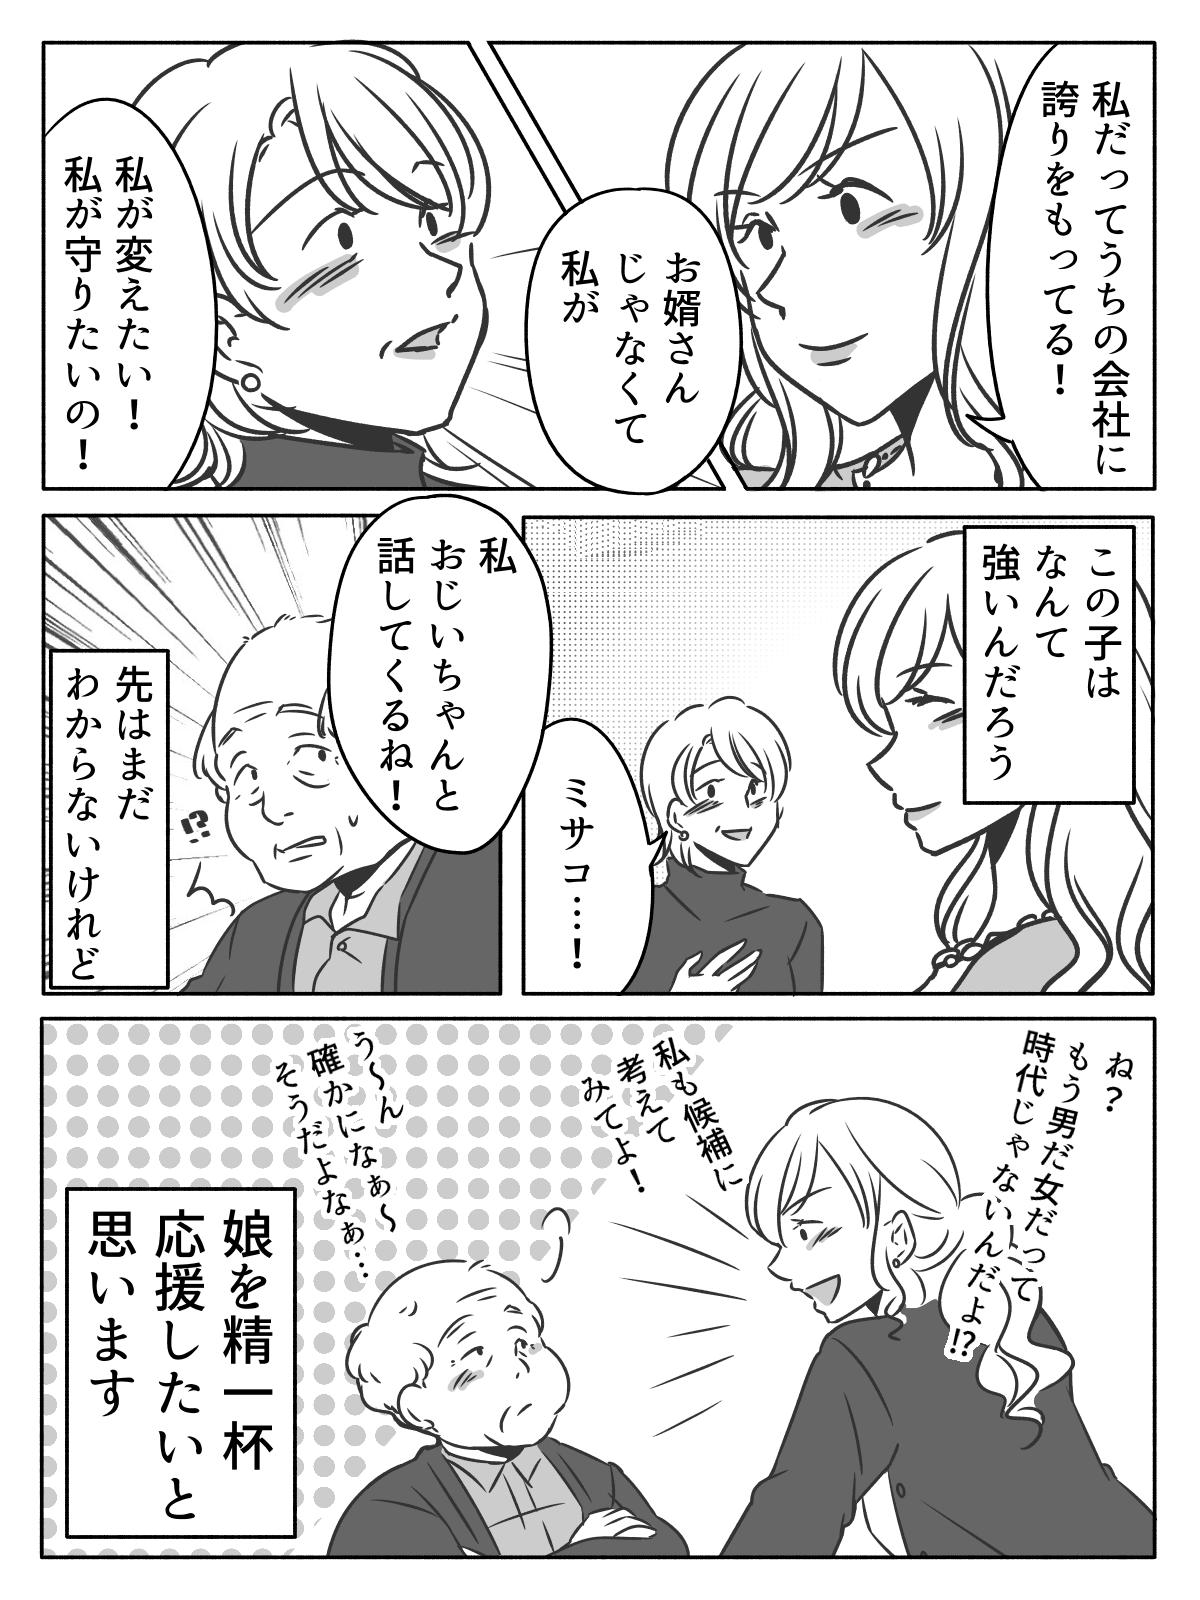 まんが【後編】「女はダメ」!?後継者問題